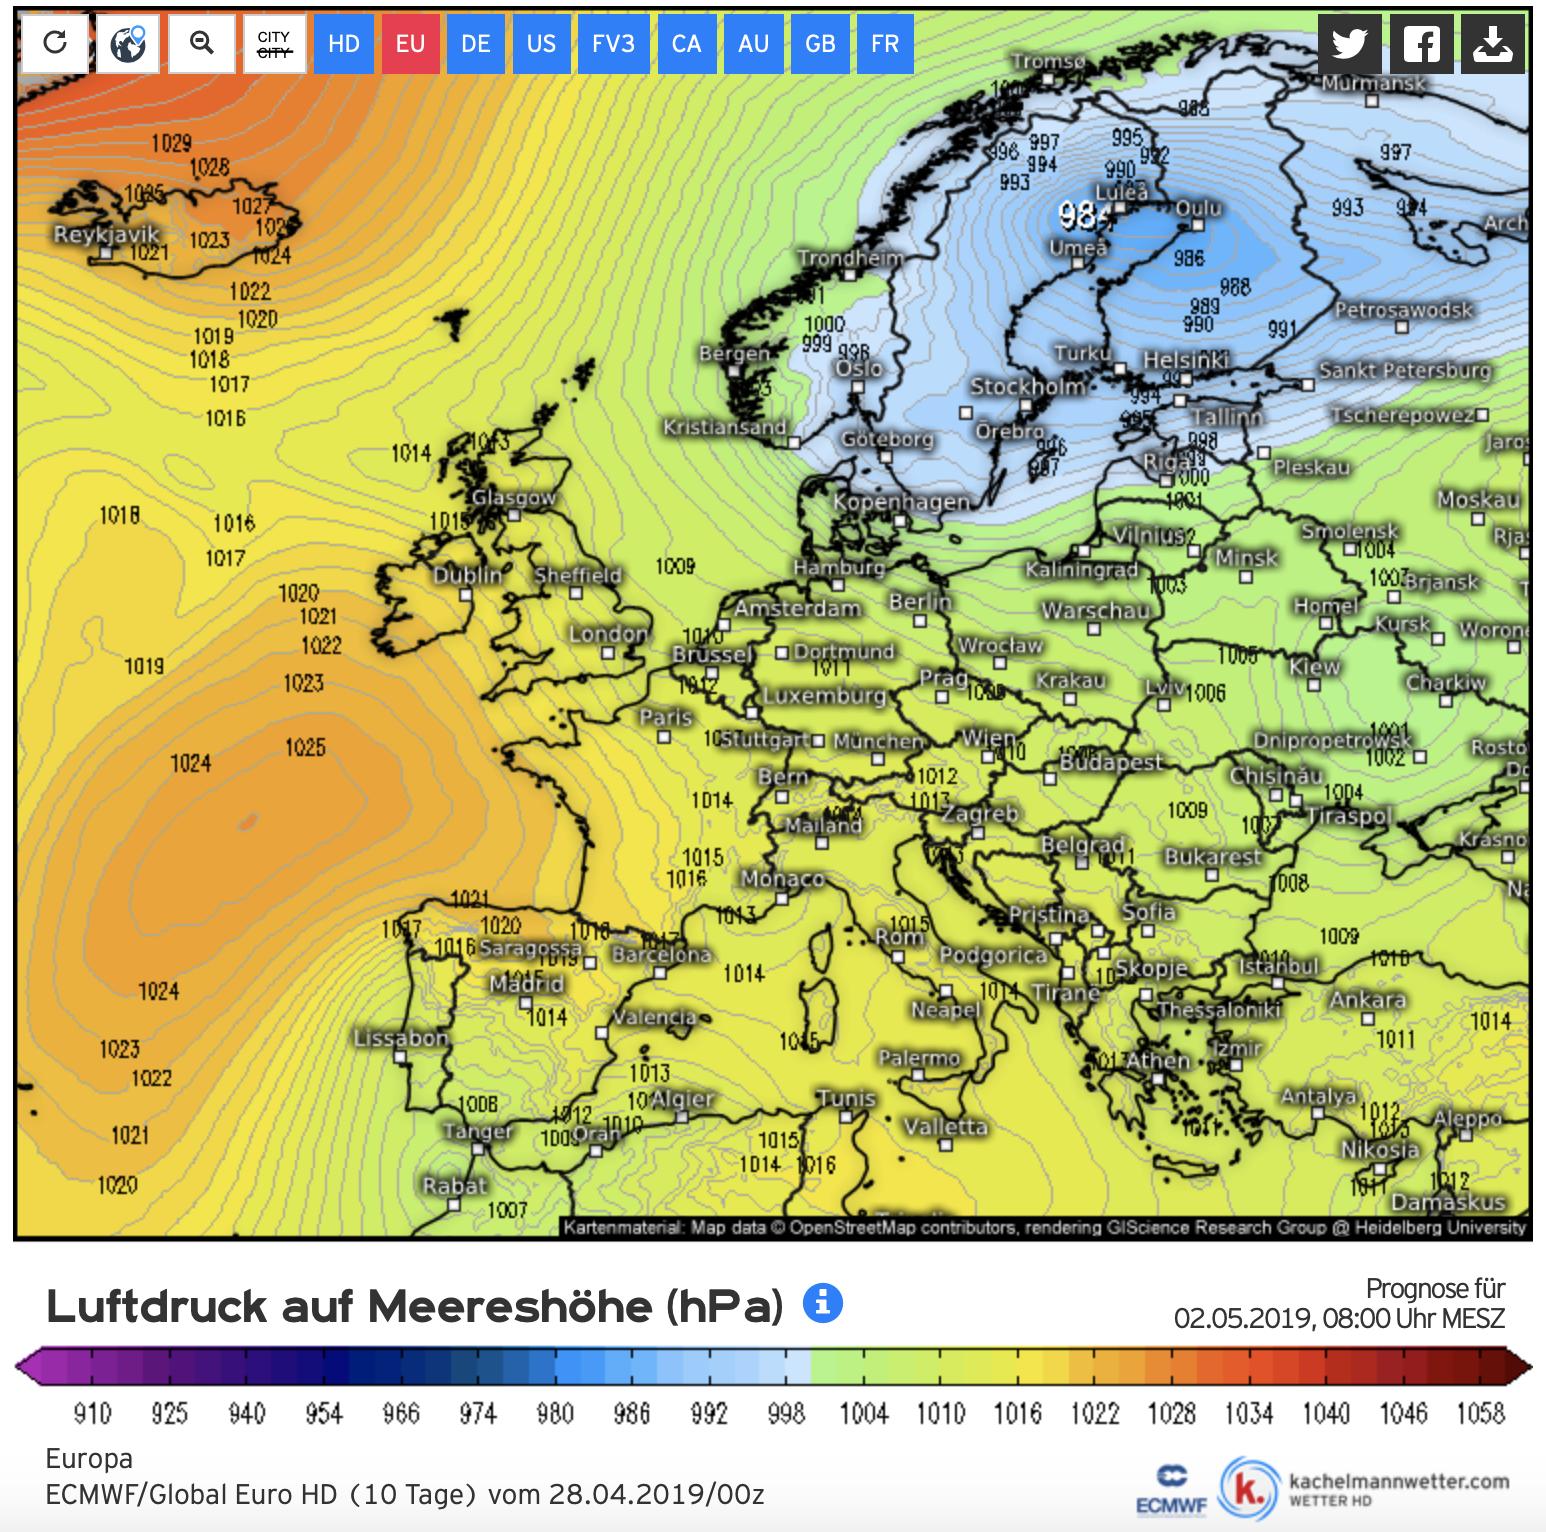 Het Europese weermodel verwacht voor de tweede helft van de week dat een groot lage drukgebied ontstaat boven Scandinavië. Dit is een vrij ongebruikelijk weerpatroon en misschien heeft dat dan ook nog wat verrassingen in petto voor het weer bij ons.